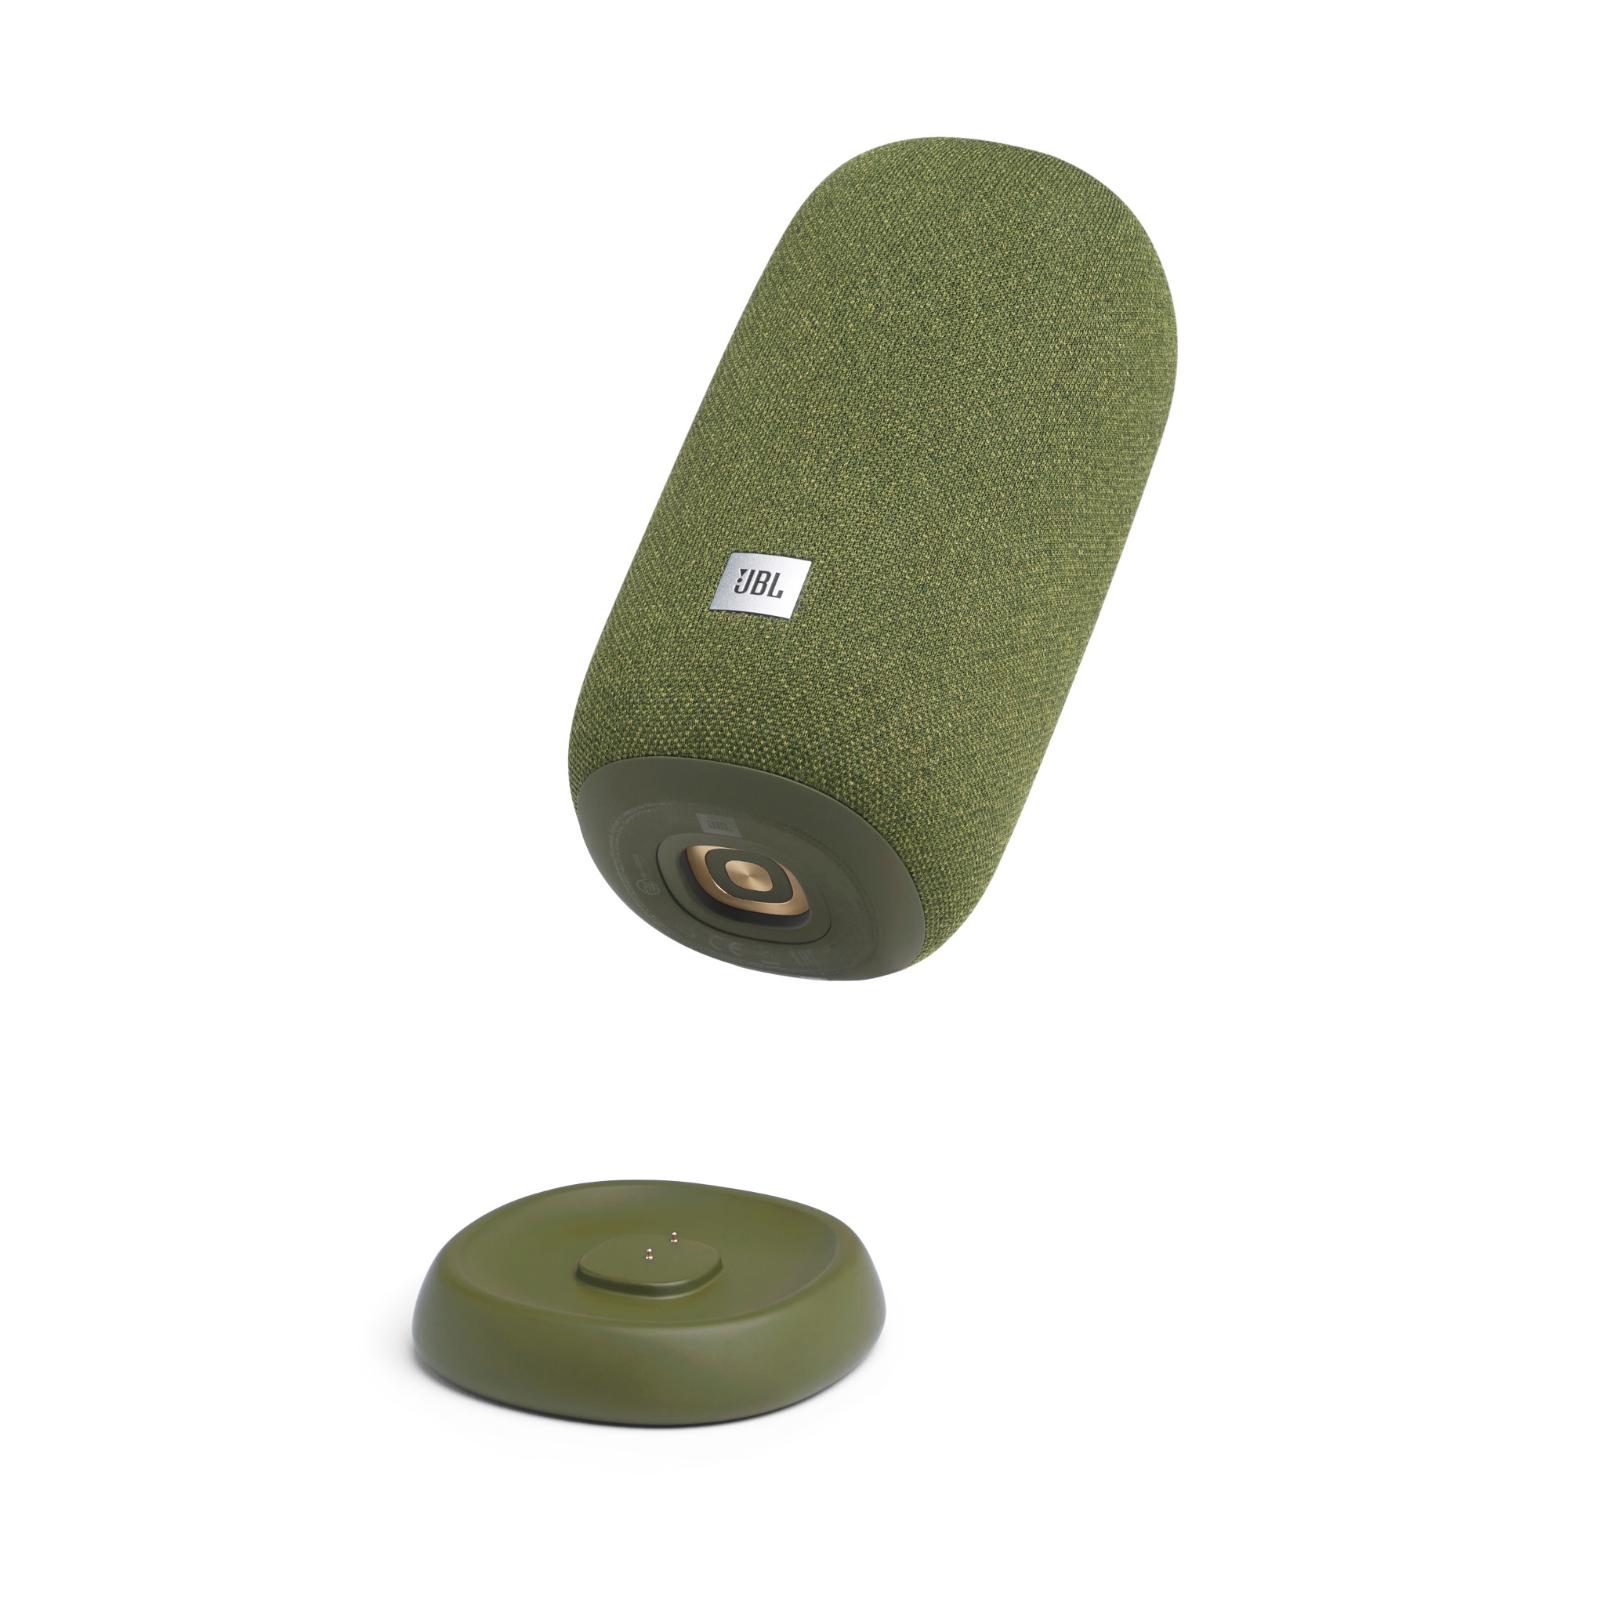 JBL Link Portable - Green - Portable Wi-Fi Speaker - Detailshot 1